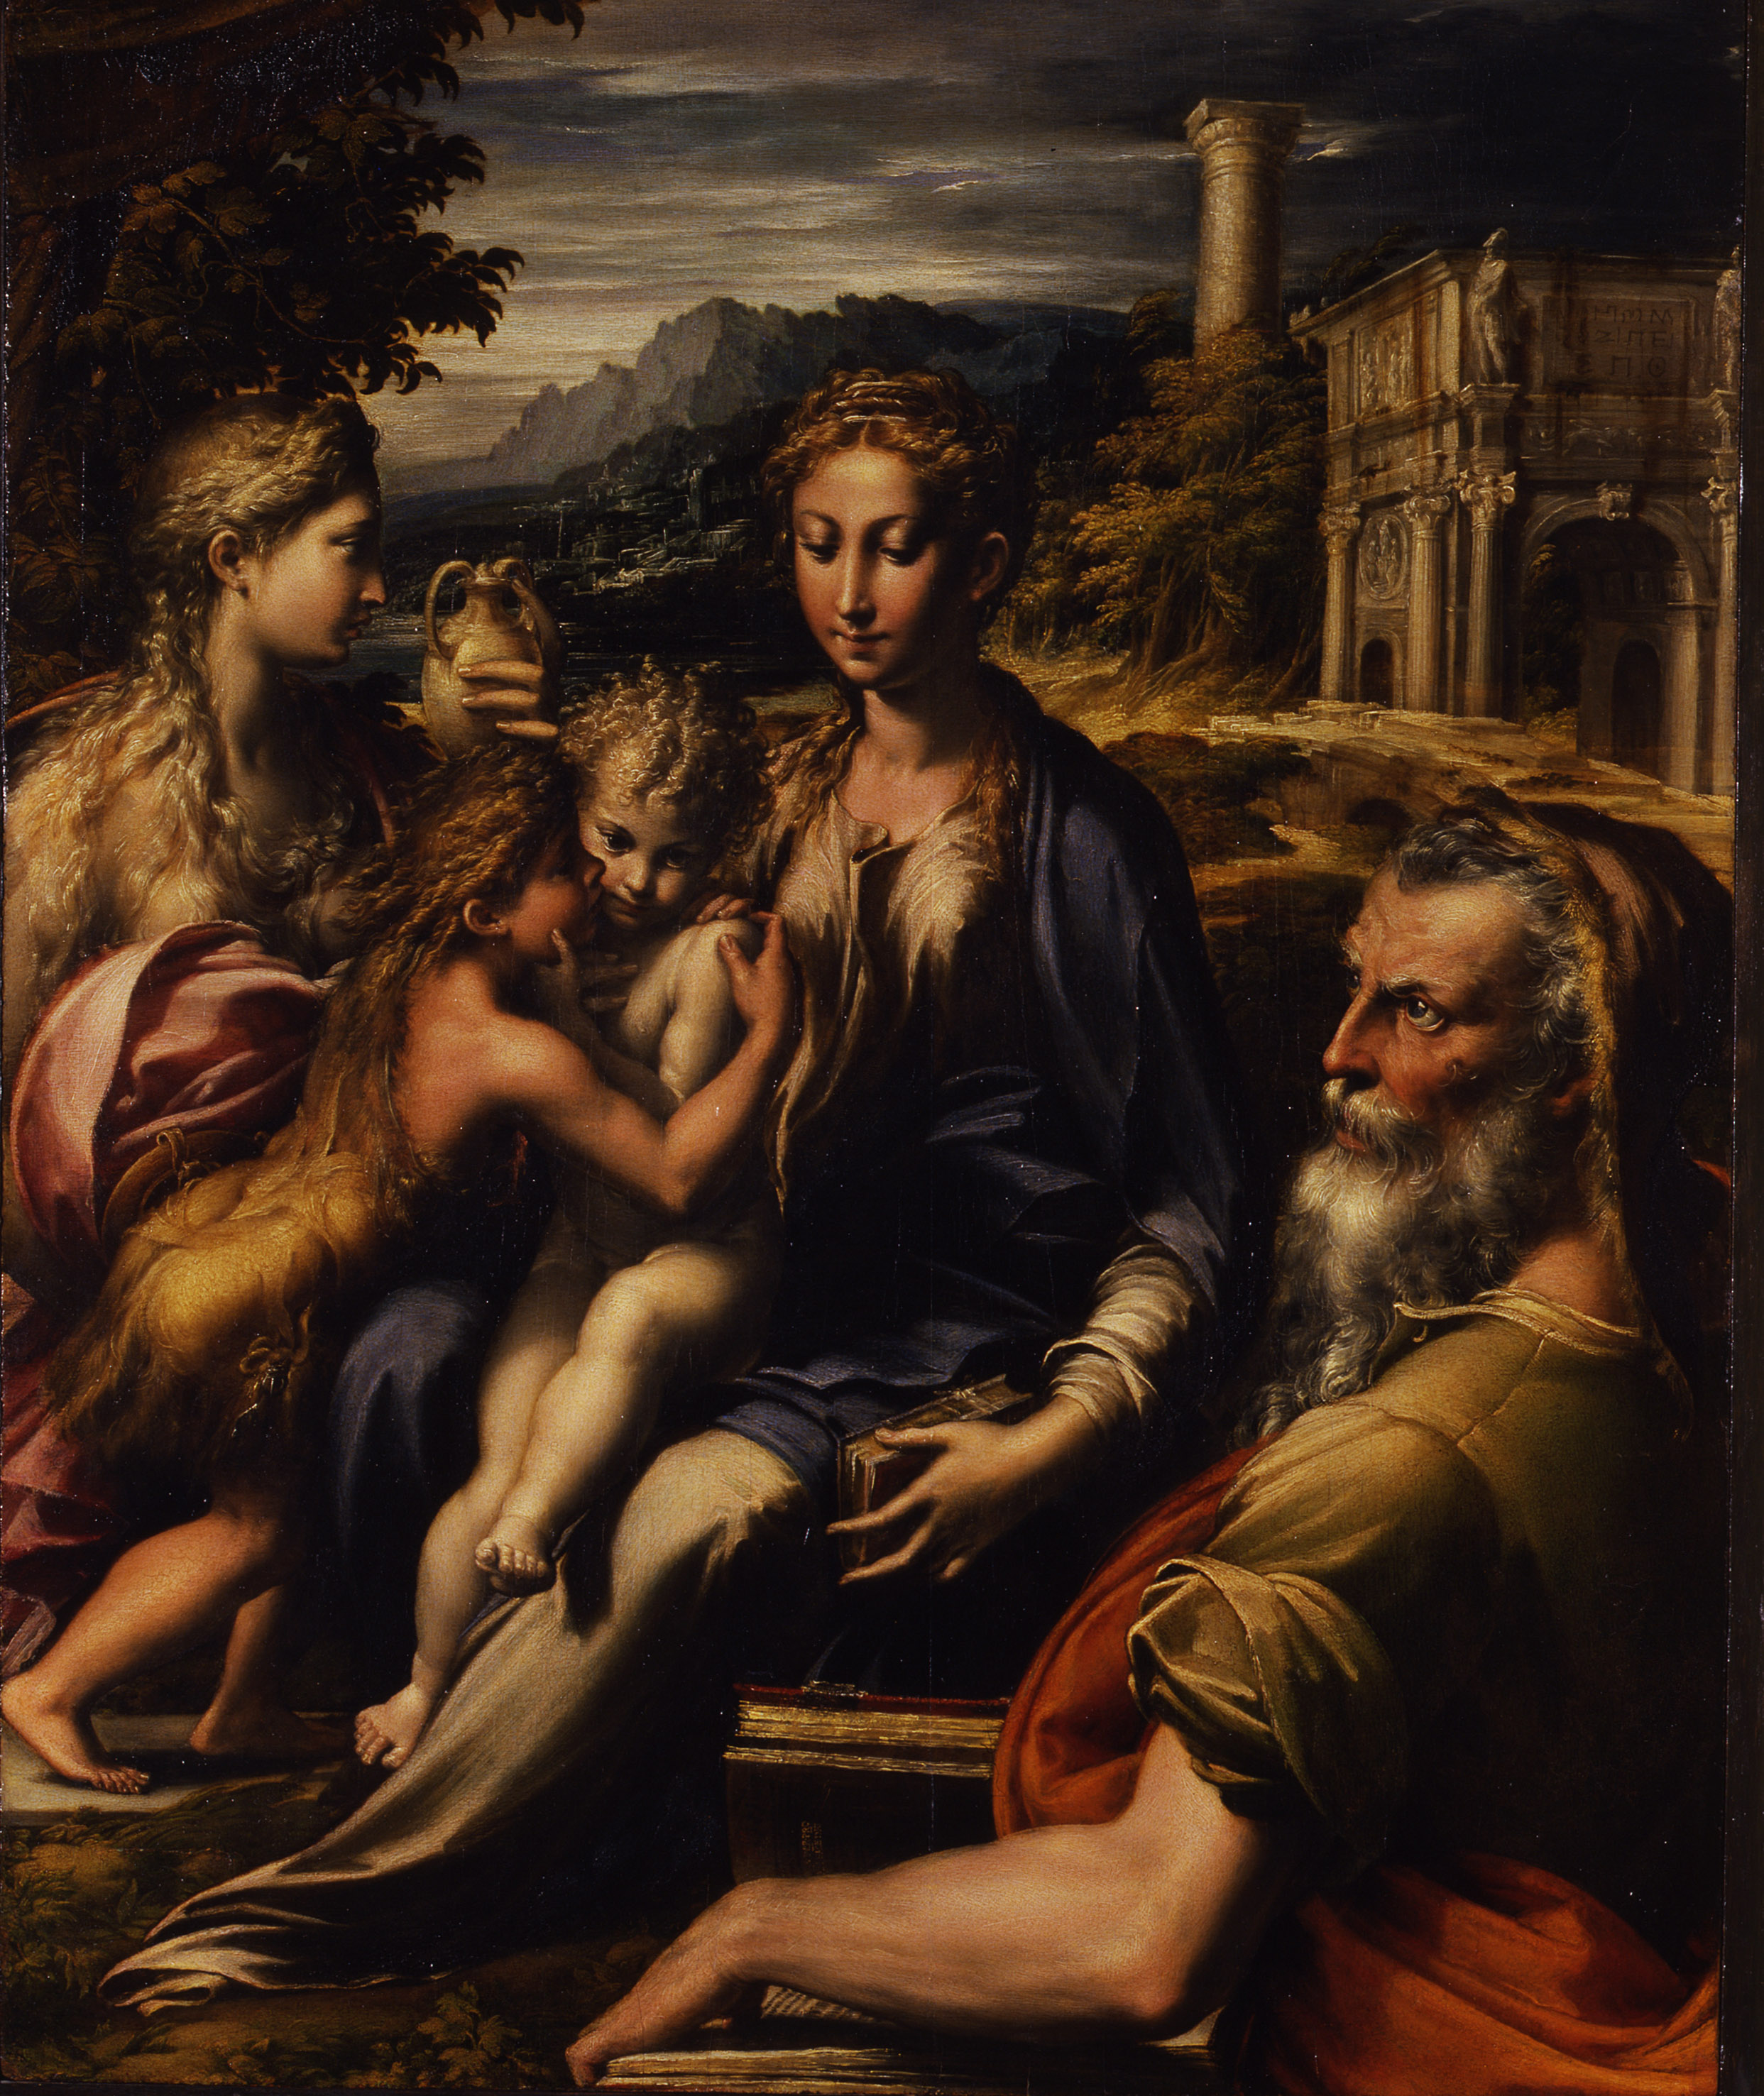 Parmigianino (Francesco Mazzola) Madonna di San Zaccaria olio su tavola 74 x 60 cm. Firenze, Galleria degli Uffizi